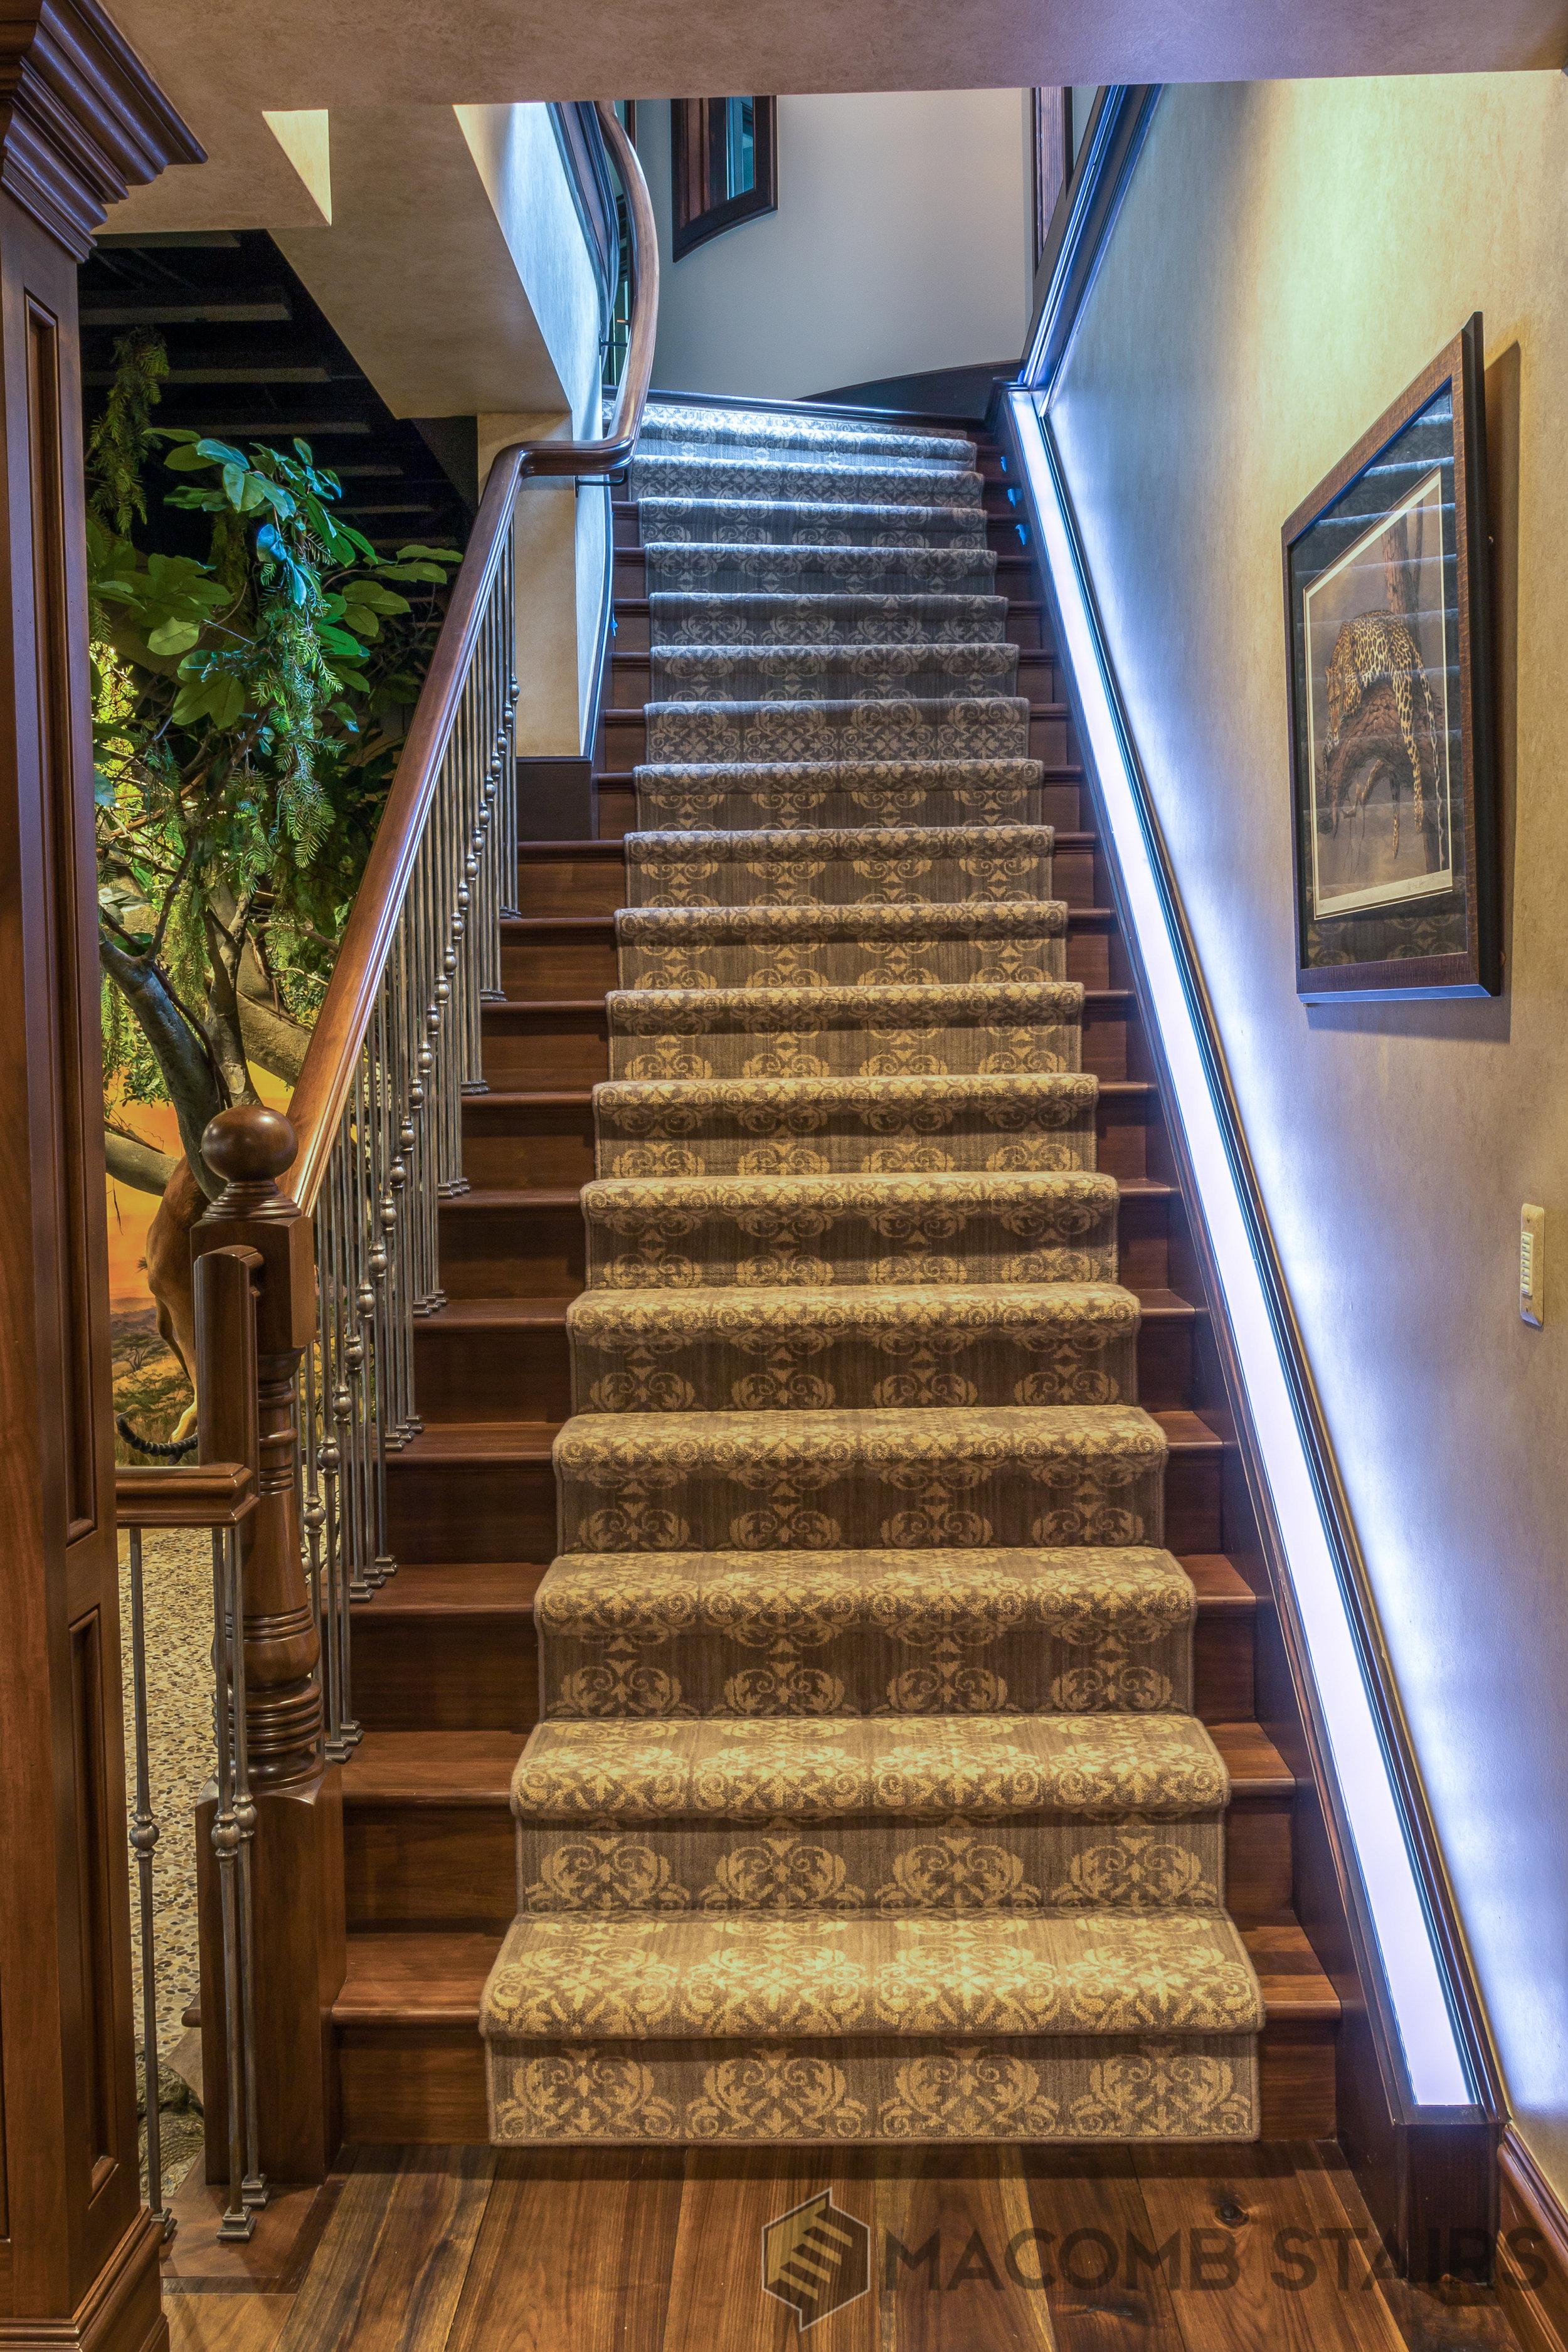 Macomb Stairs- Stair Photo-21.jpg